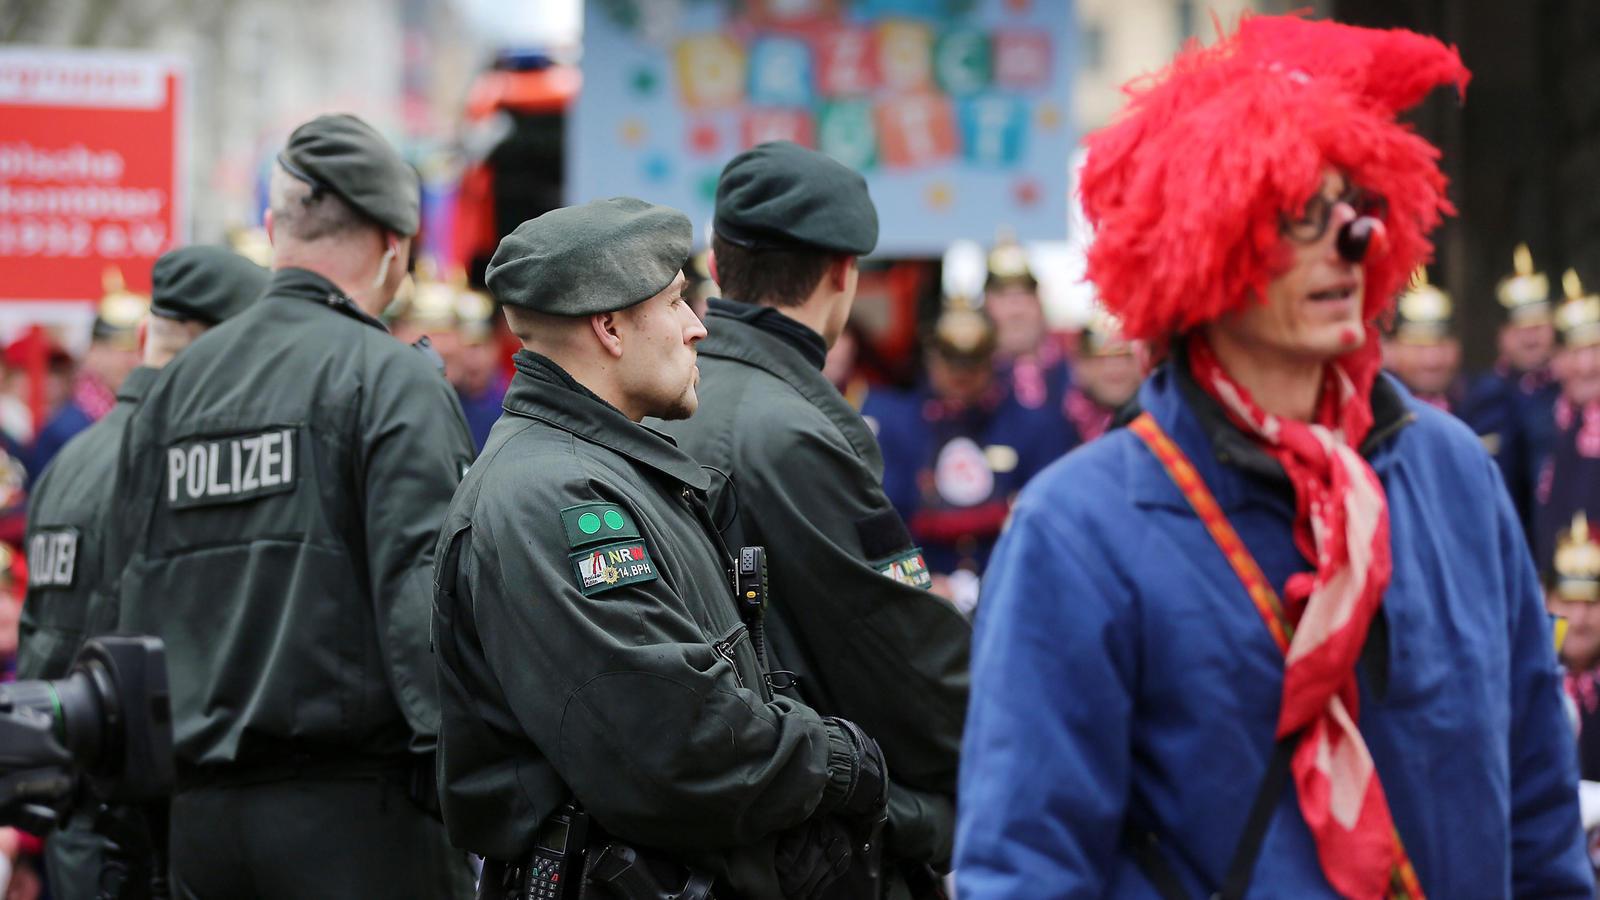 Flüchtlinge sollen kein karneval feiern! riesen kritik nach ...